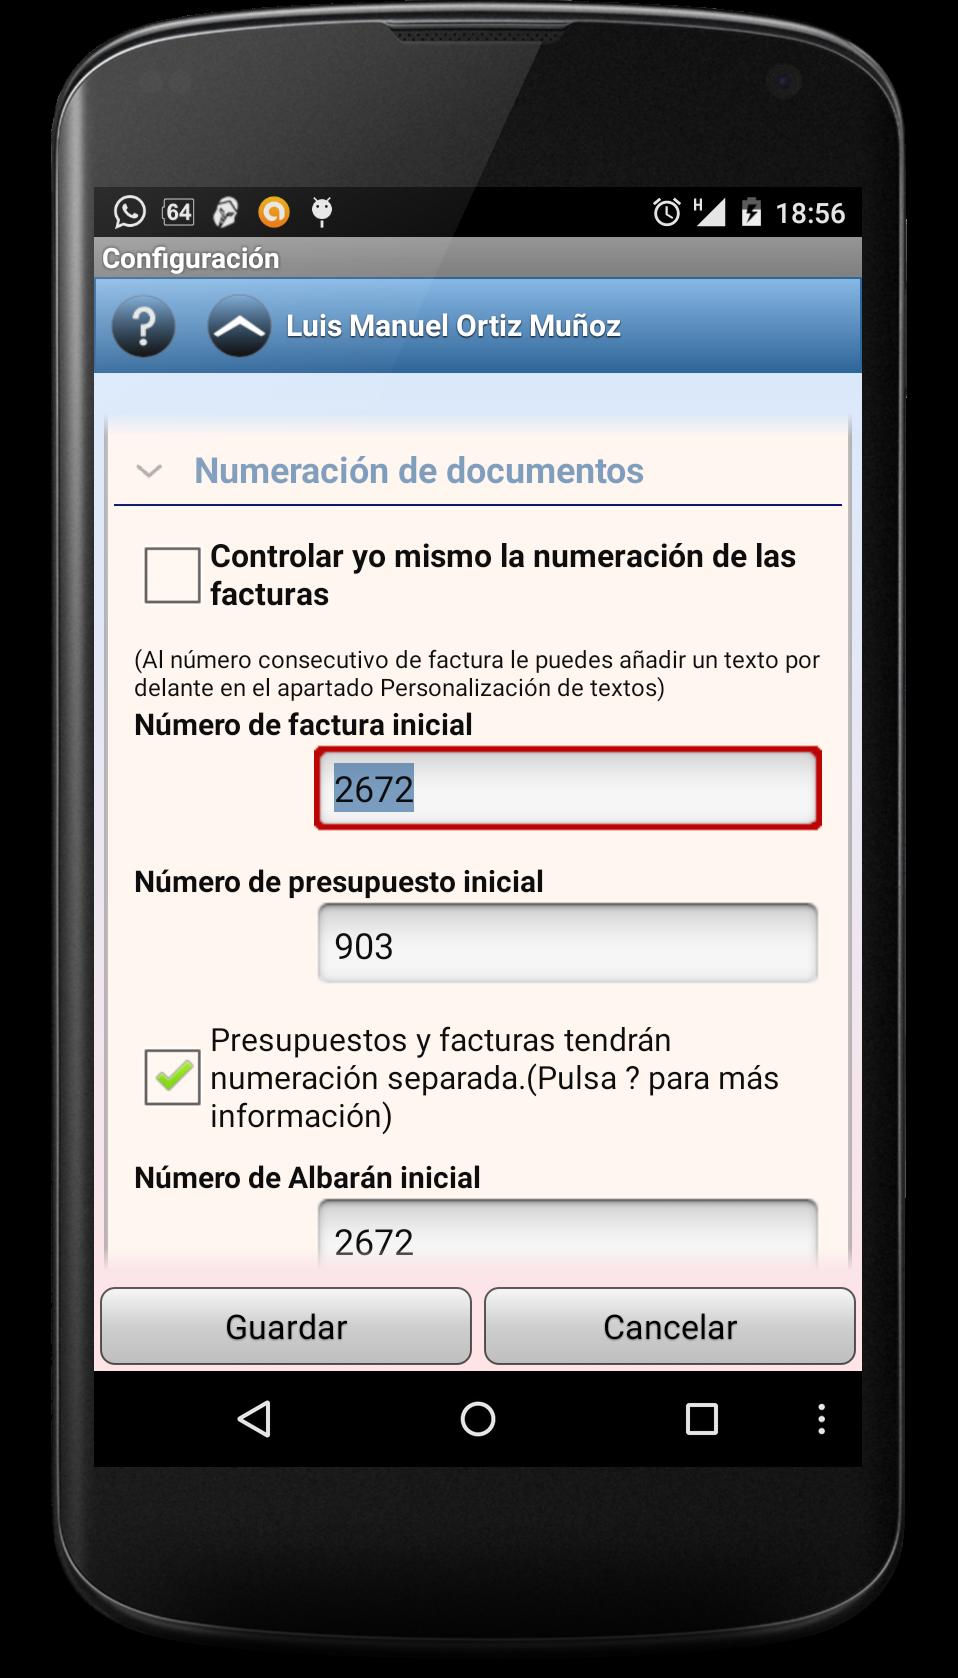 datosfactura2